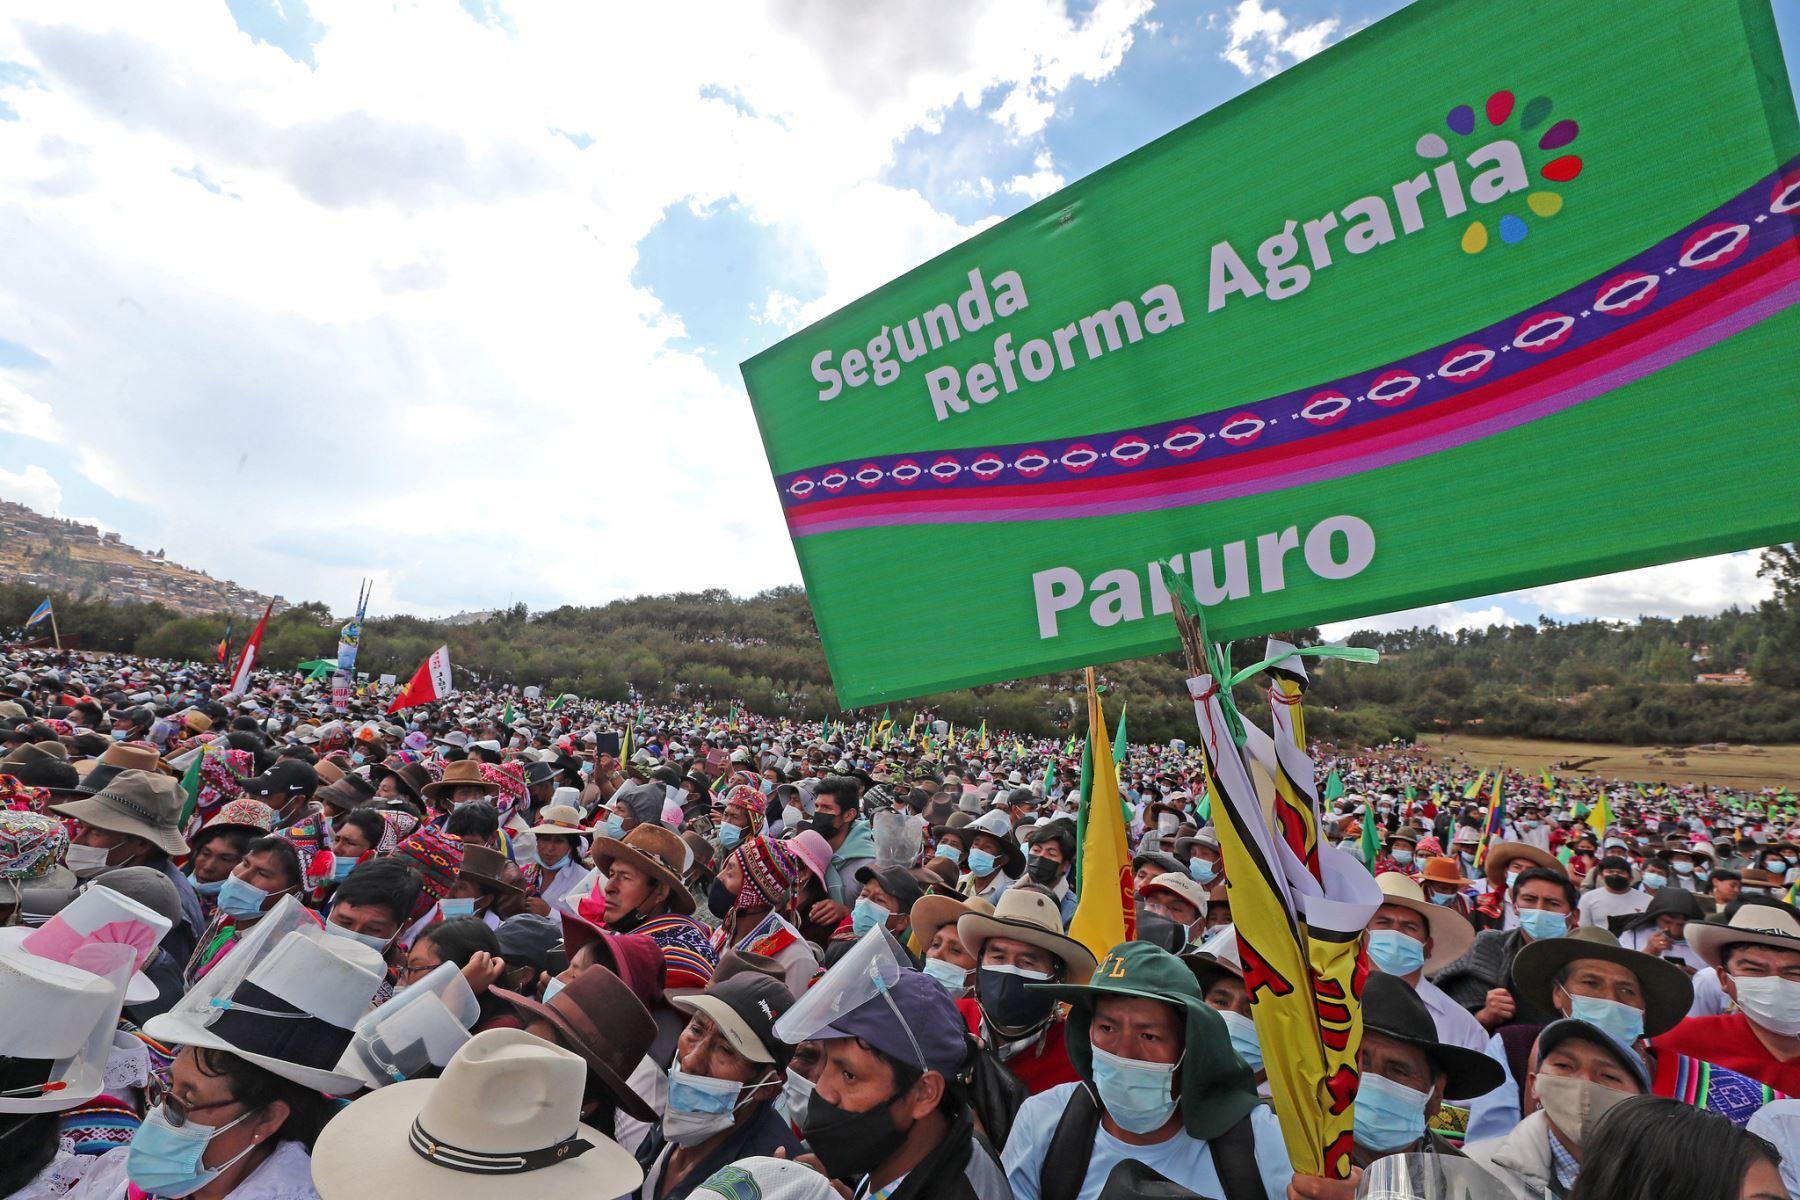 La Segunda Reforma Agraria reivindicará a los agricultores e integrará a las regiones, afirmó el gobernador de Ayacucho, Carlos Rua. Foto: ANDINA/Prensa Presidencia.